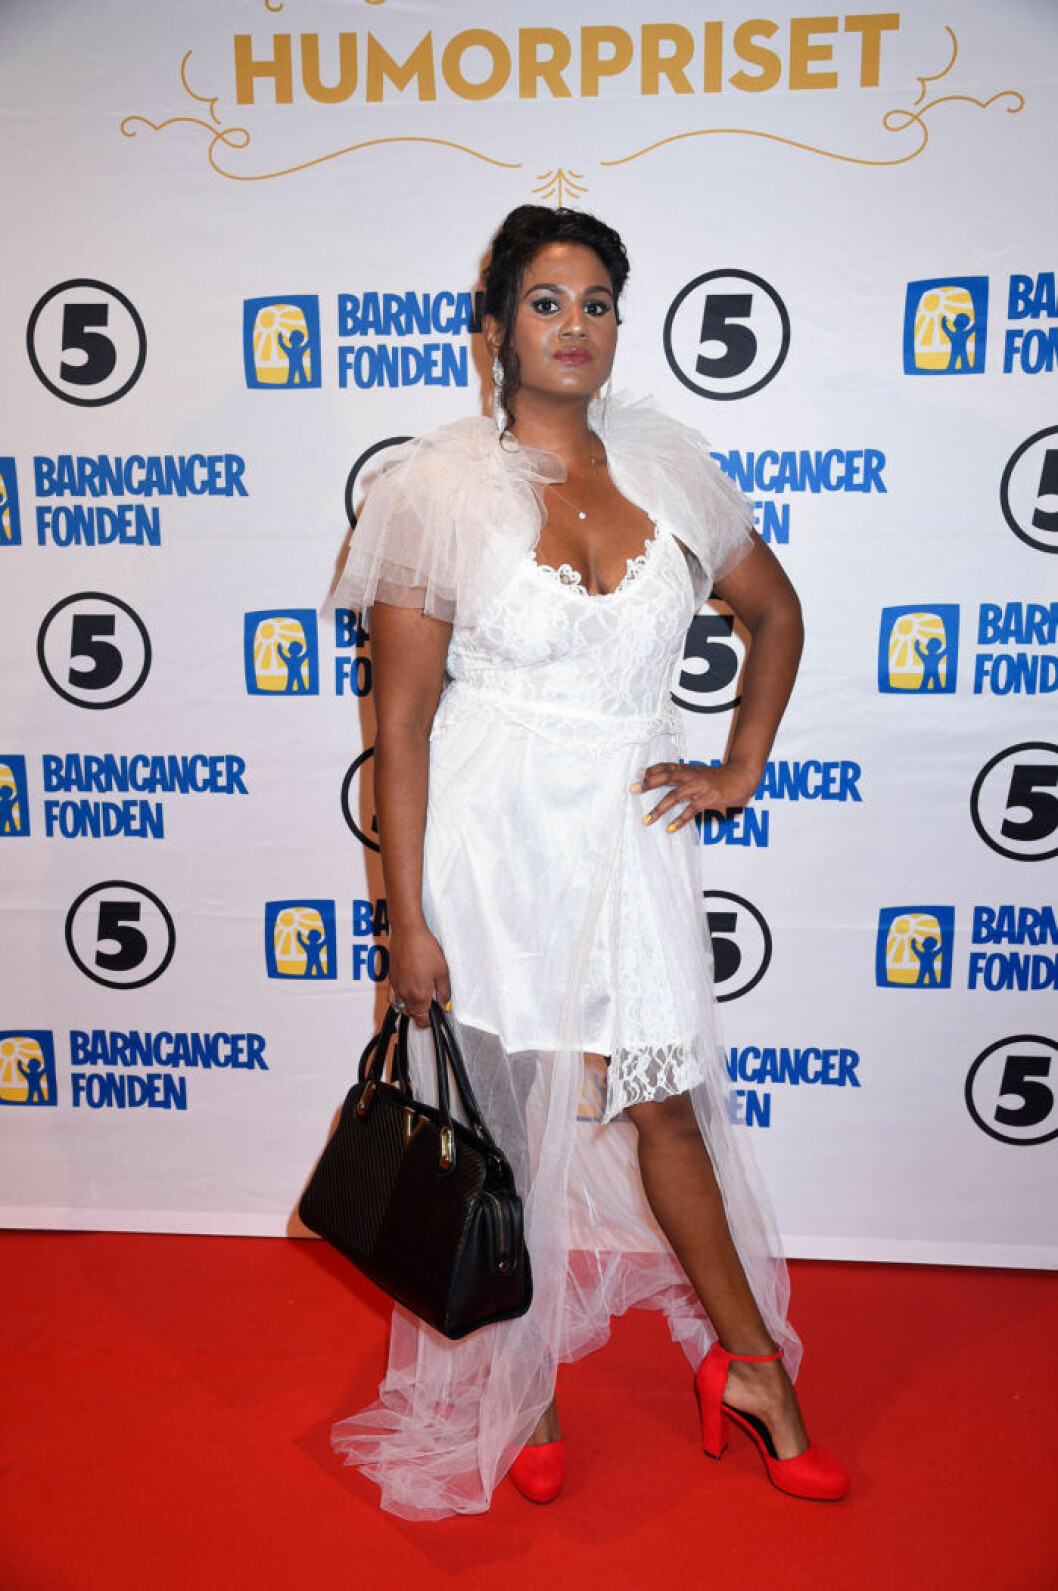 Shanthi Rydwall Menon på röda mattan på Barncancergalan 2019